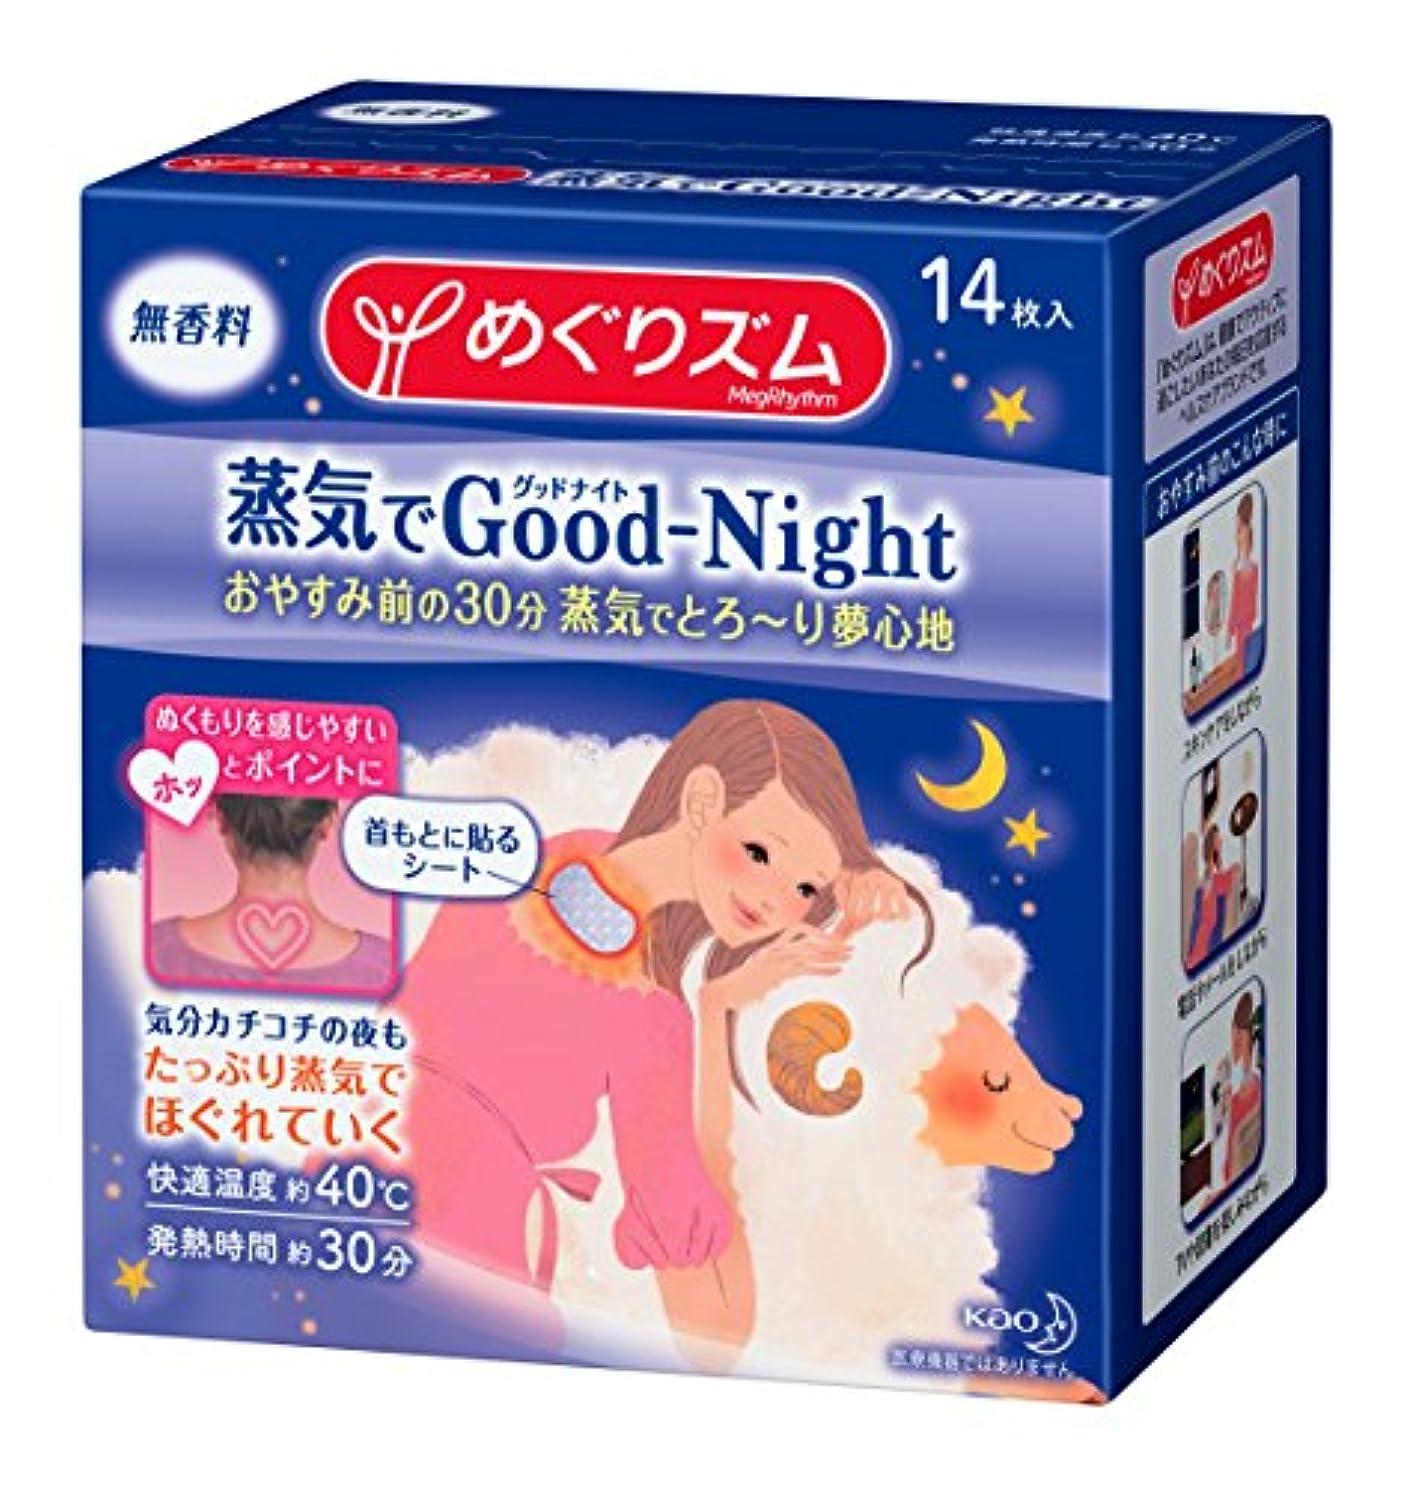 既にタイル逆さまにめぐりズム 蒸気でGood-Night 14枚入